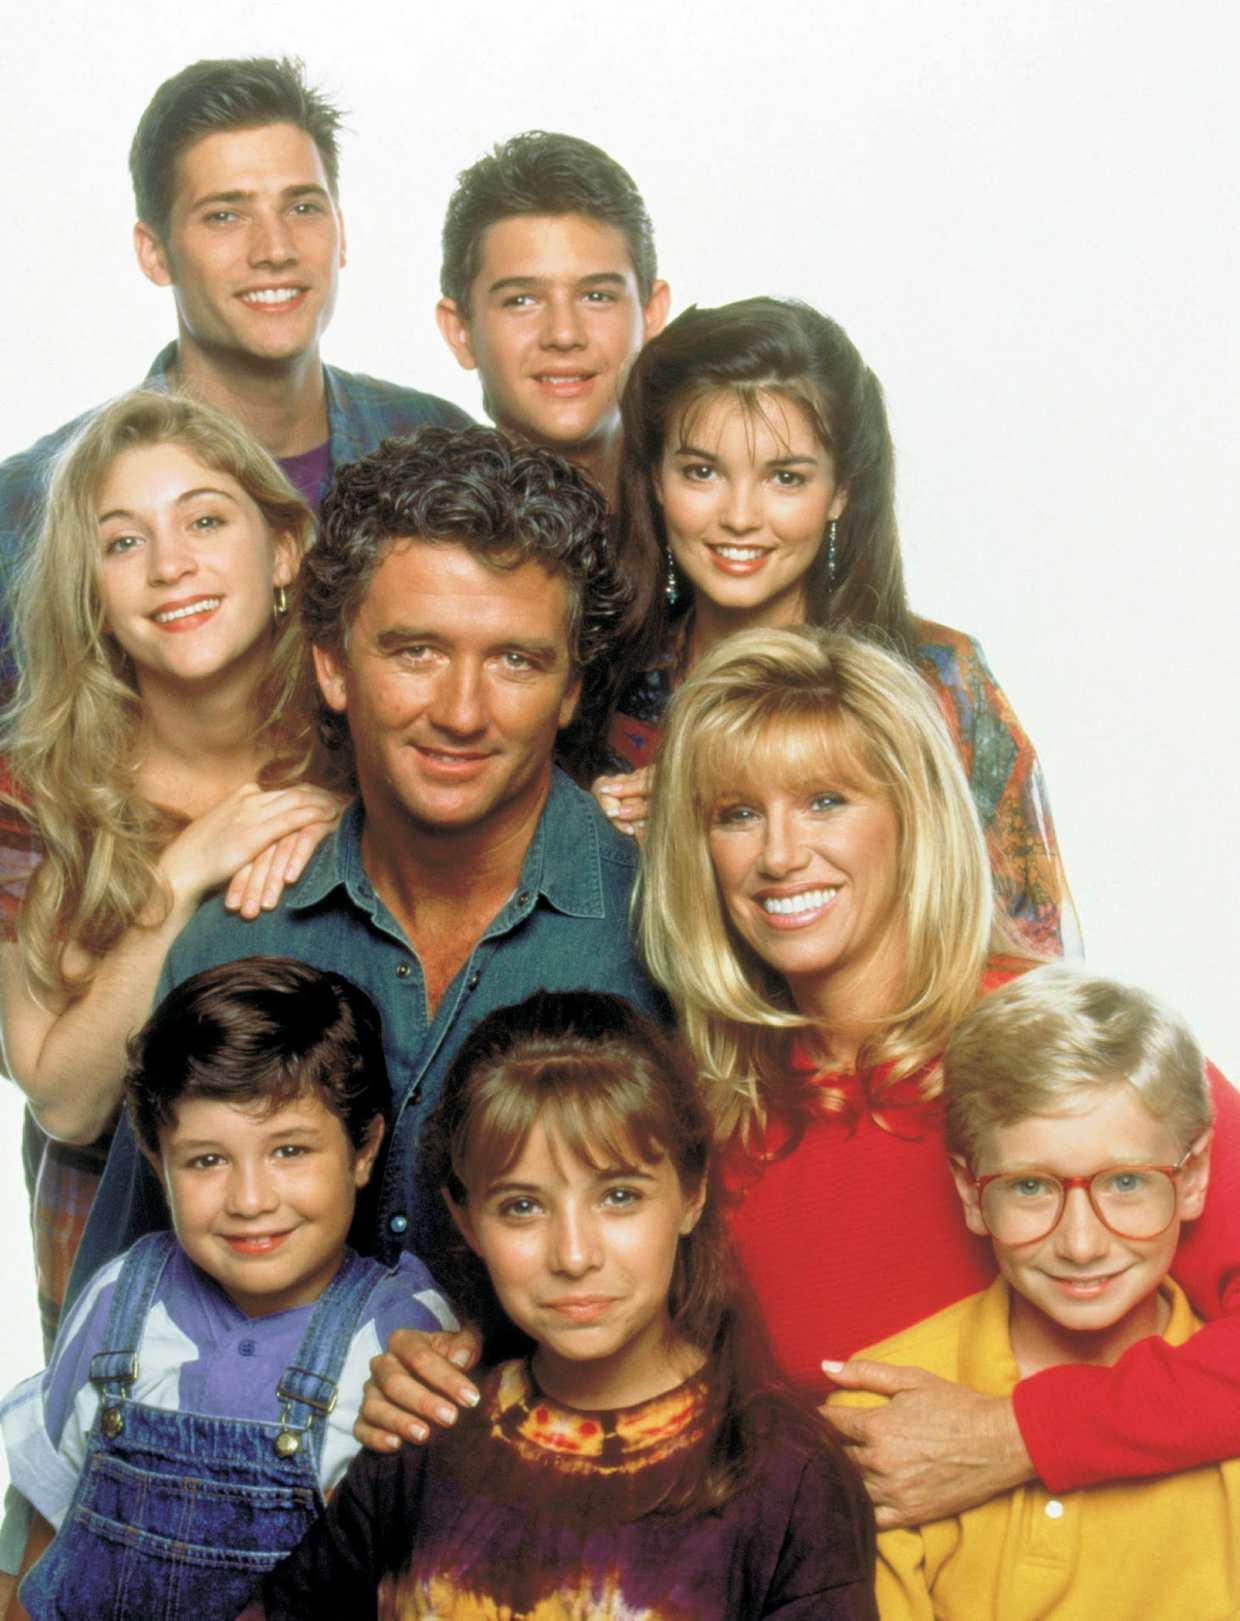 Acteur Notre Belle Famille : acteur, notre, belle, famille, Notre, Belle, Famille, Devenus, Acteurs, Série, Télé, Loisirs